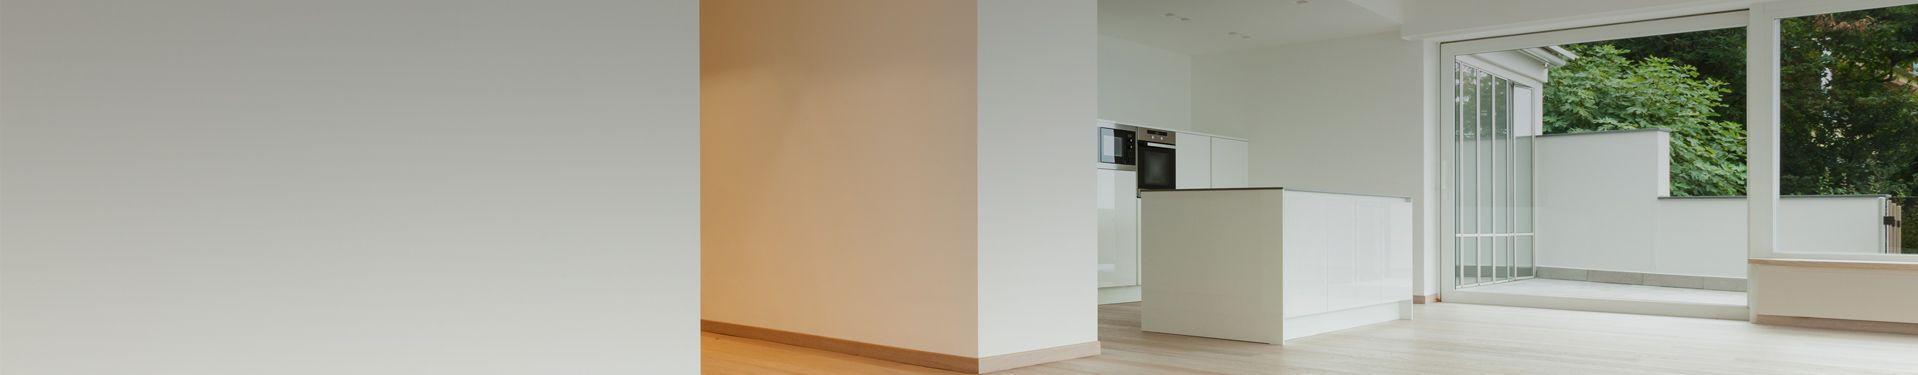 pared pladur madrid intalación